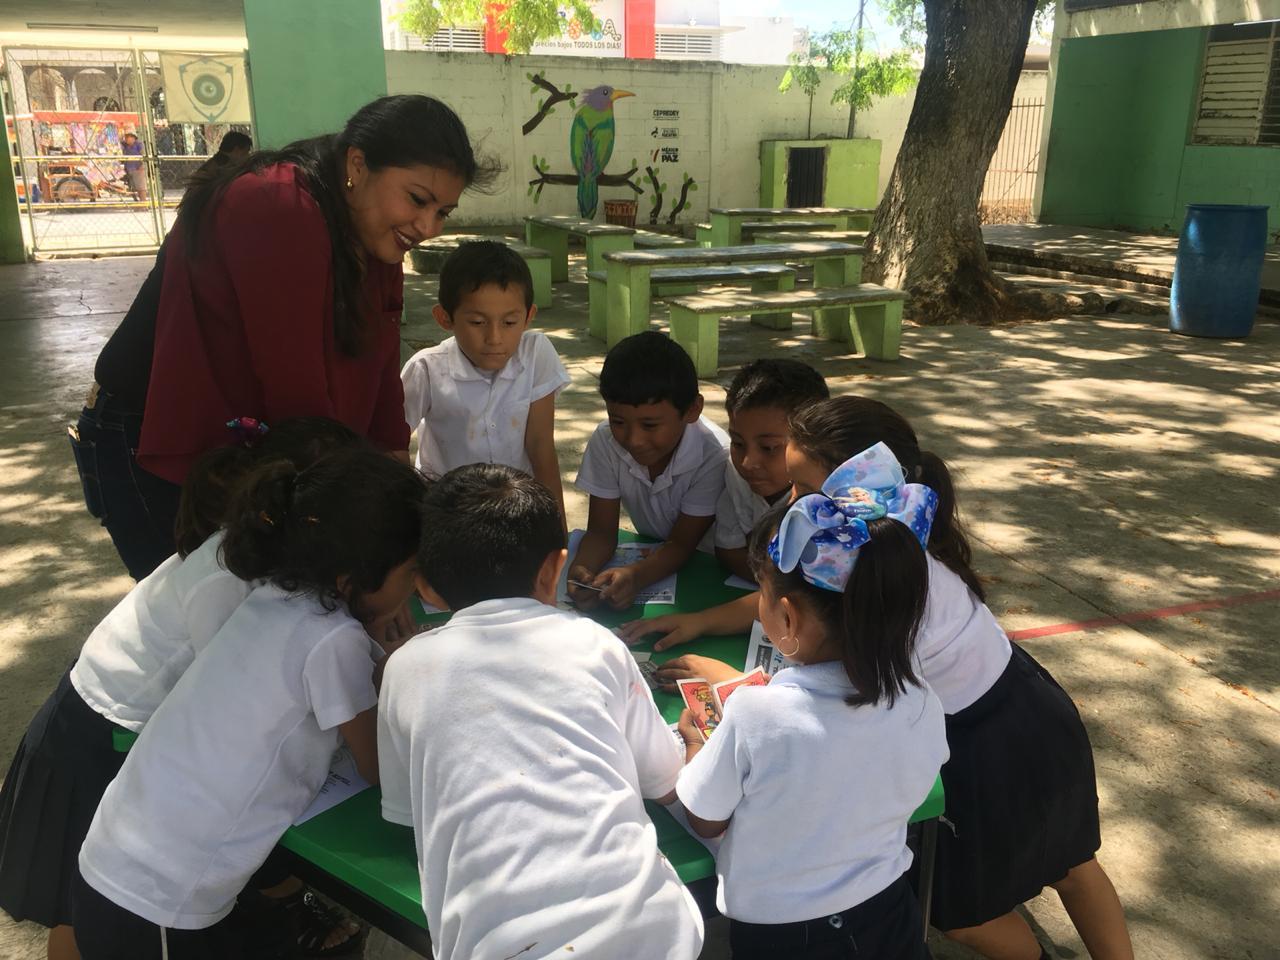 Visita a la Escuela Primaria Emiliano Zapata